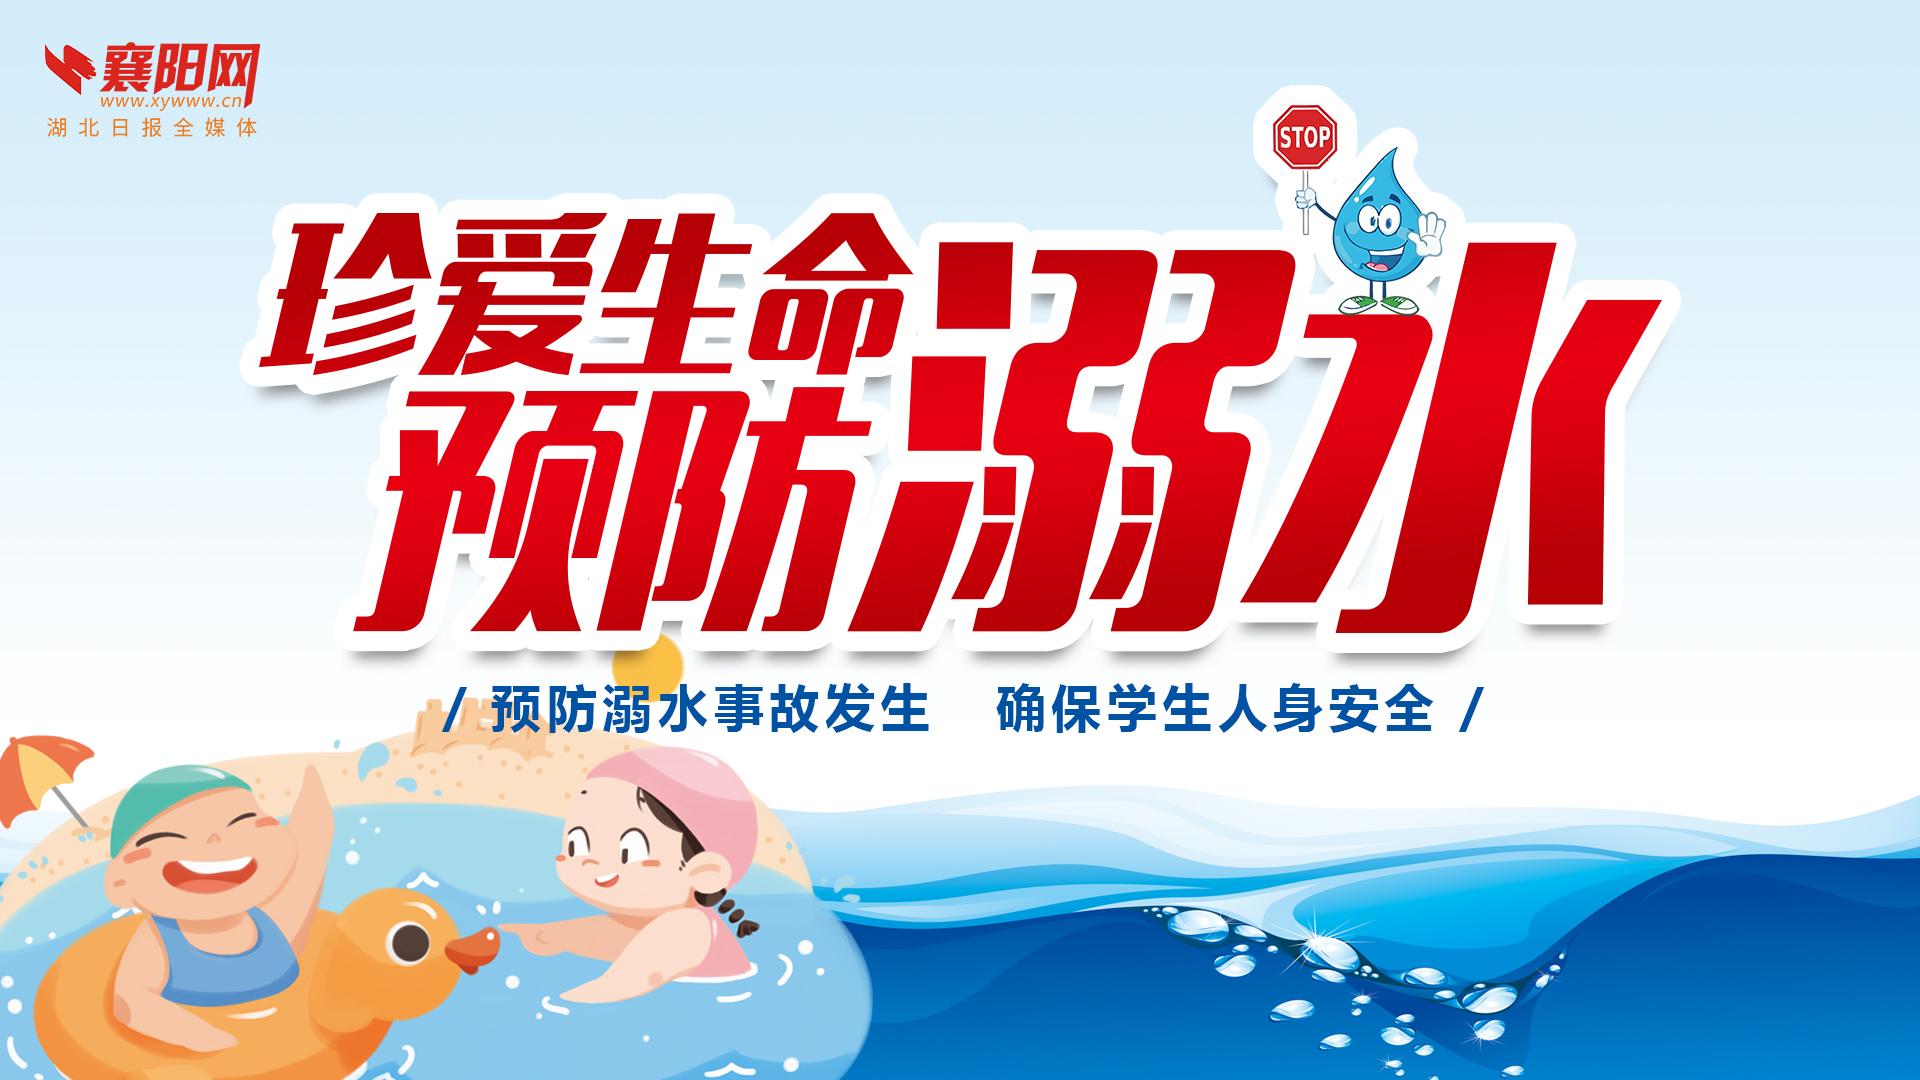 珍爱生命 预防溺水